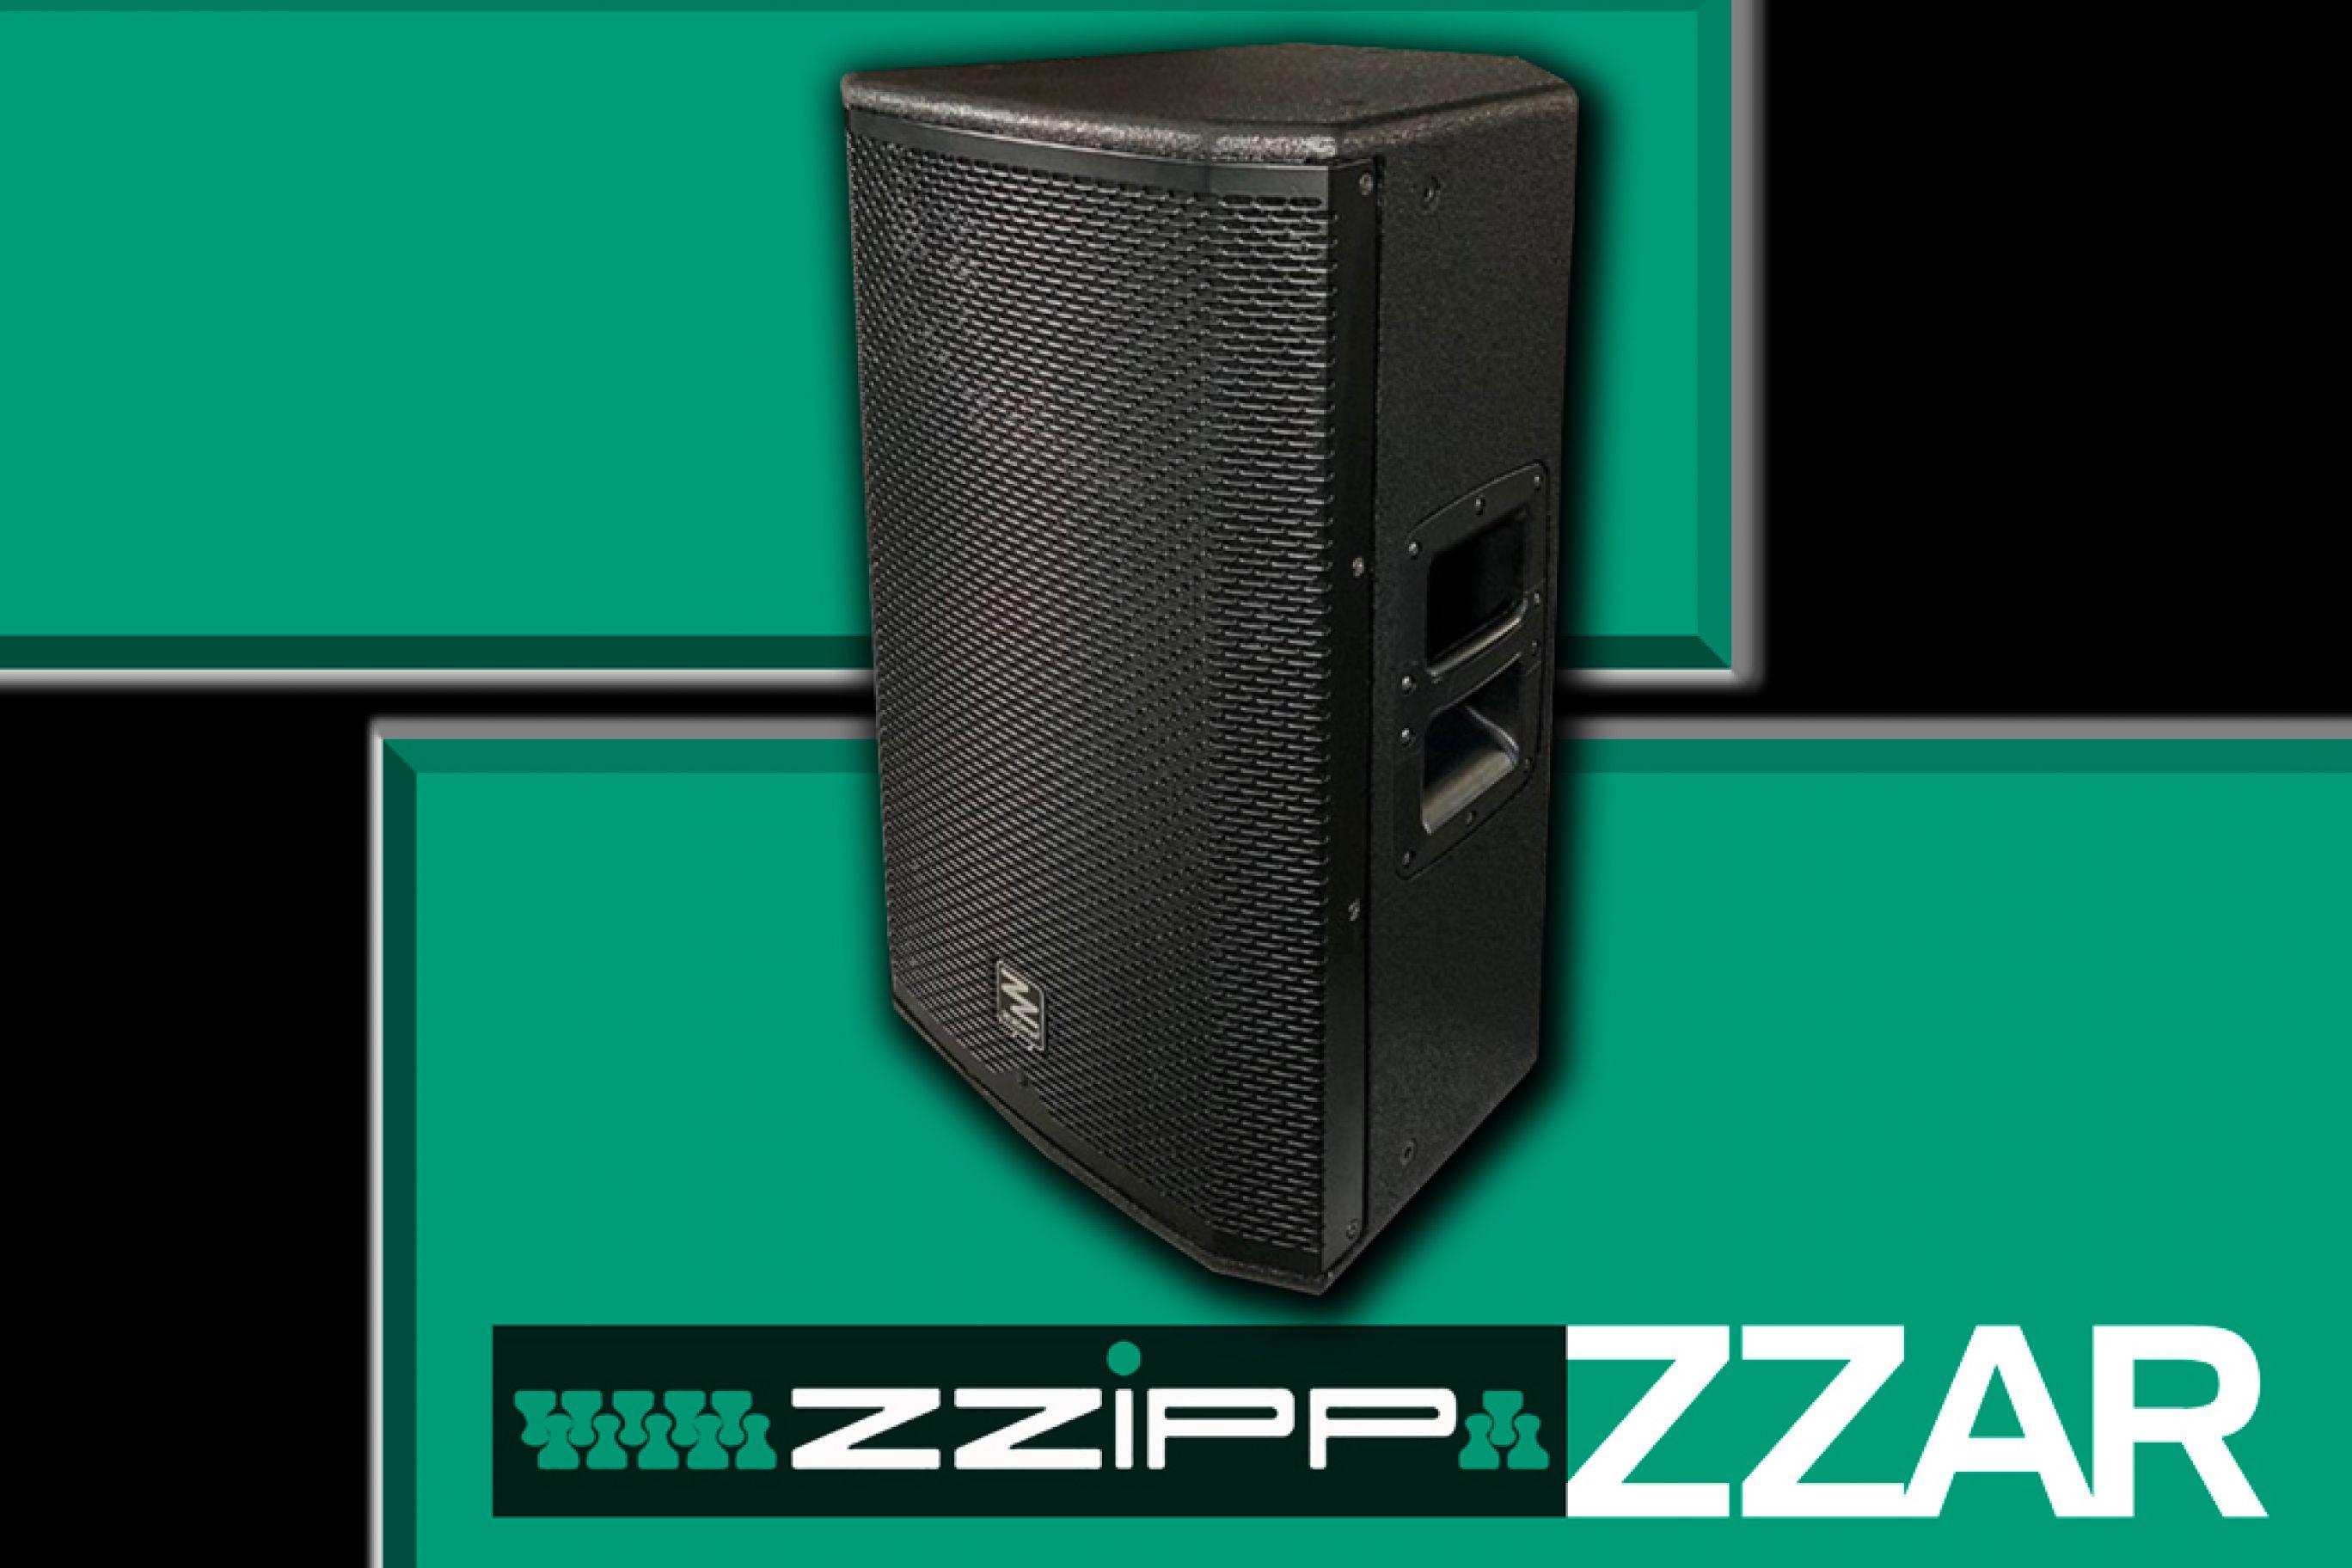 Diffusori Attivi ZZAR by ZZIPP